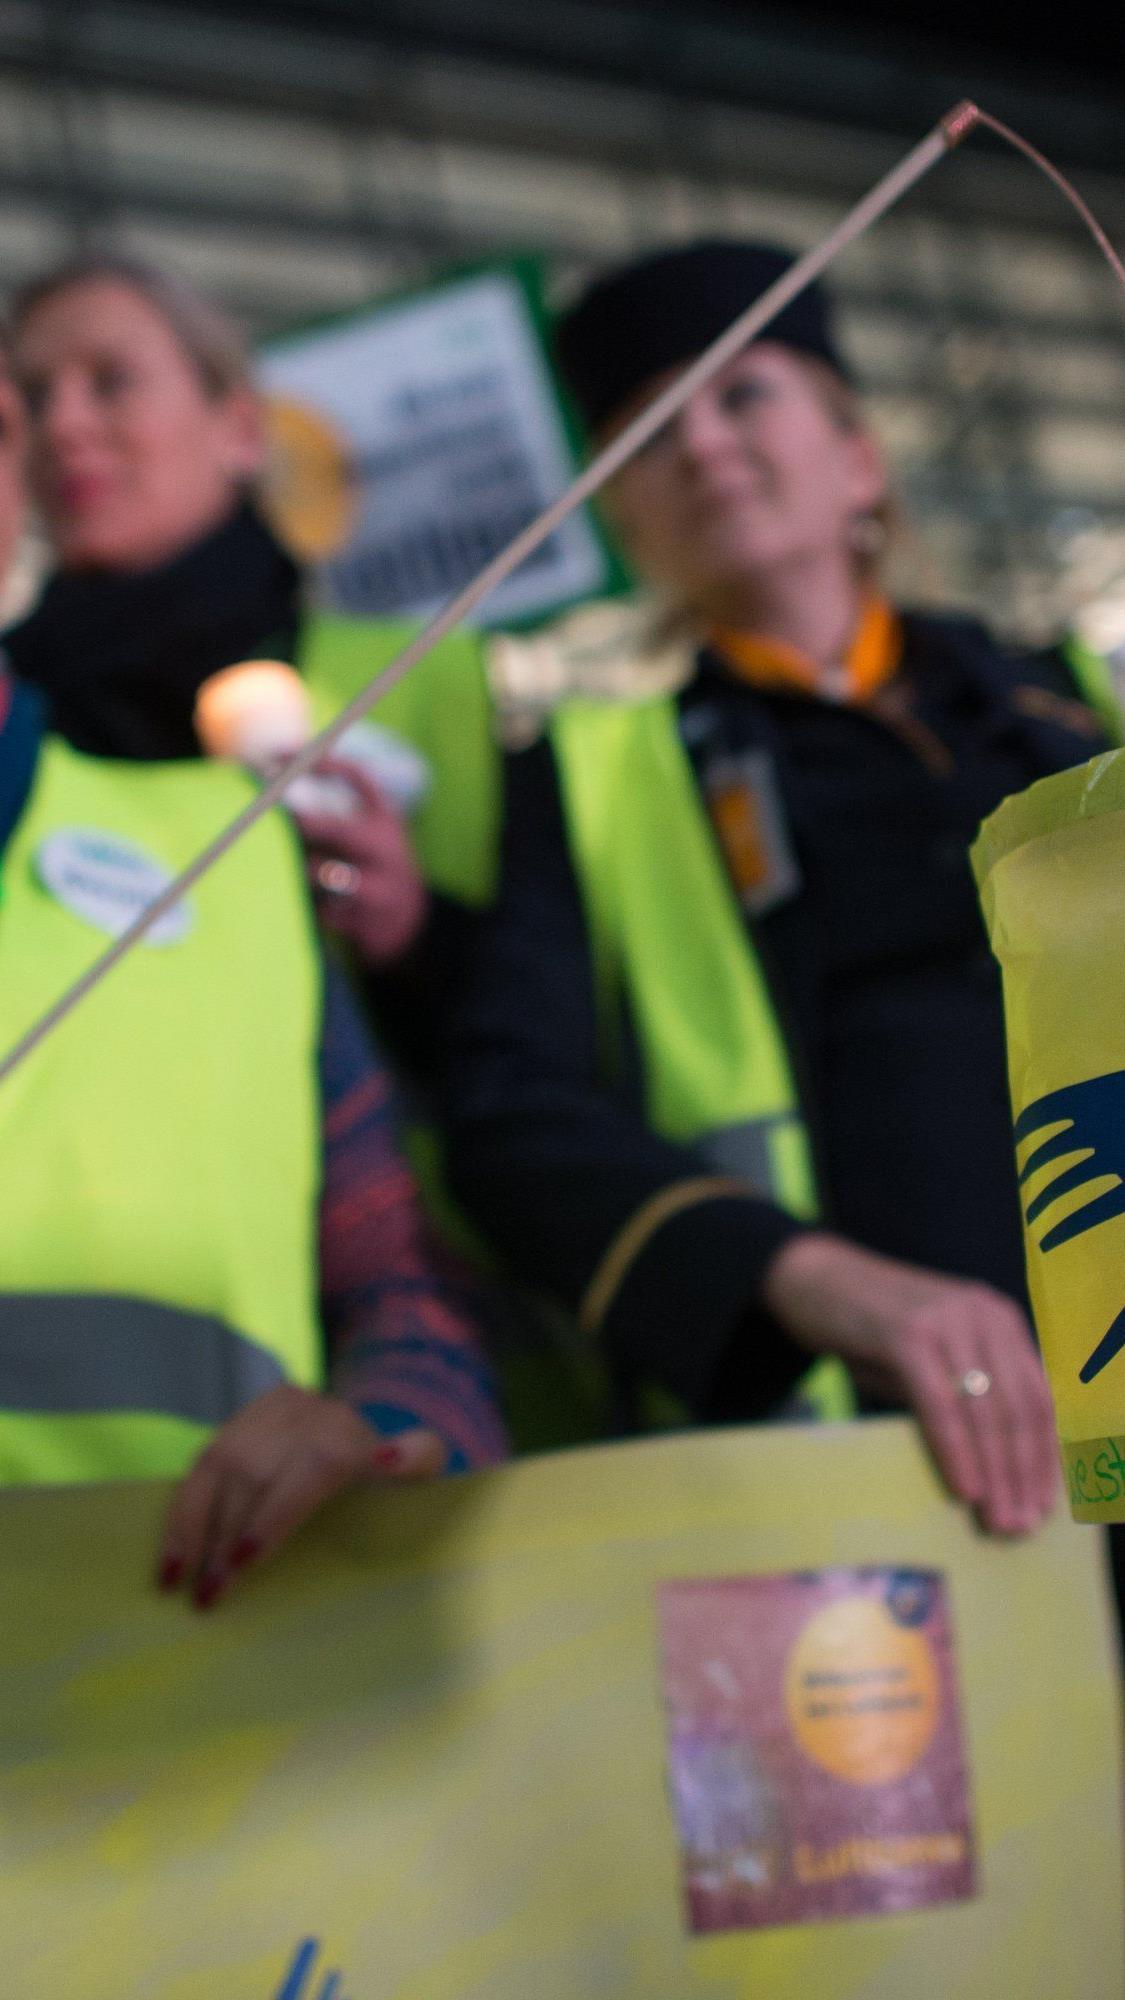 Arbeitsgericht Düsseldorf untersagte Lufthansa-Flugbegleitern Streik.